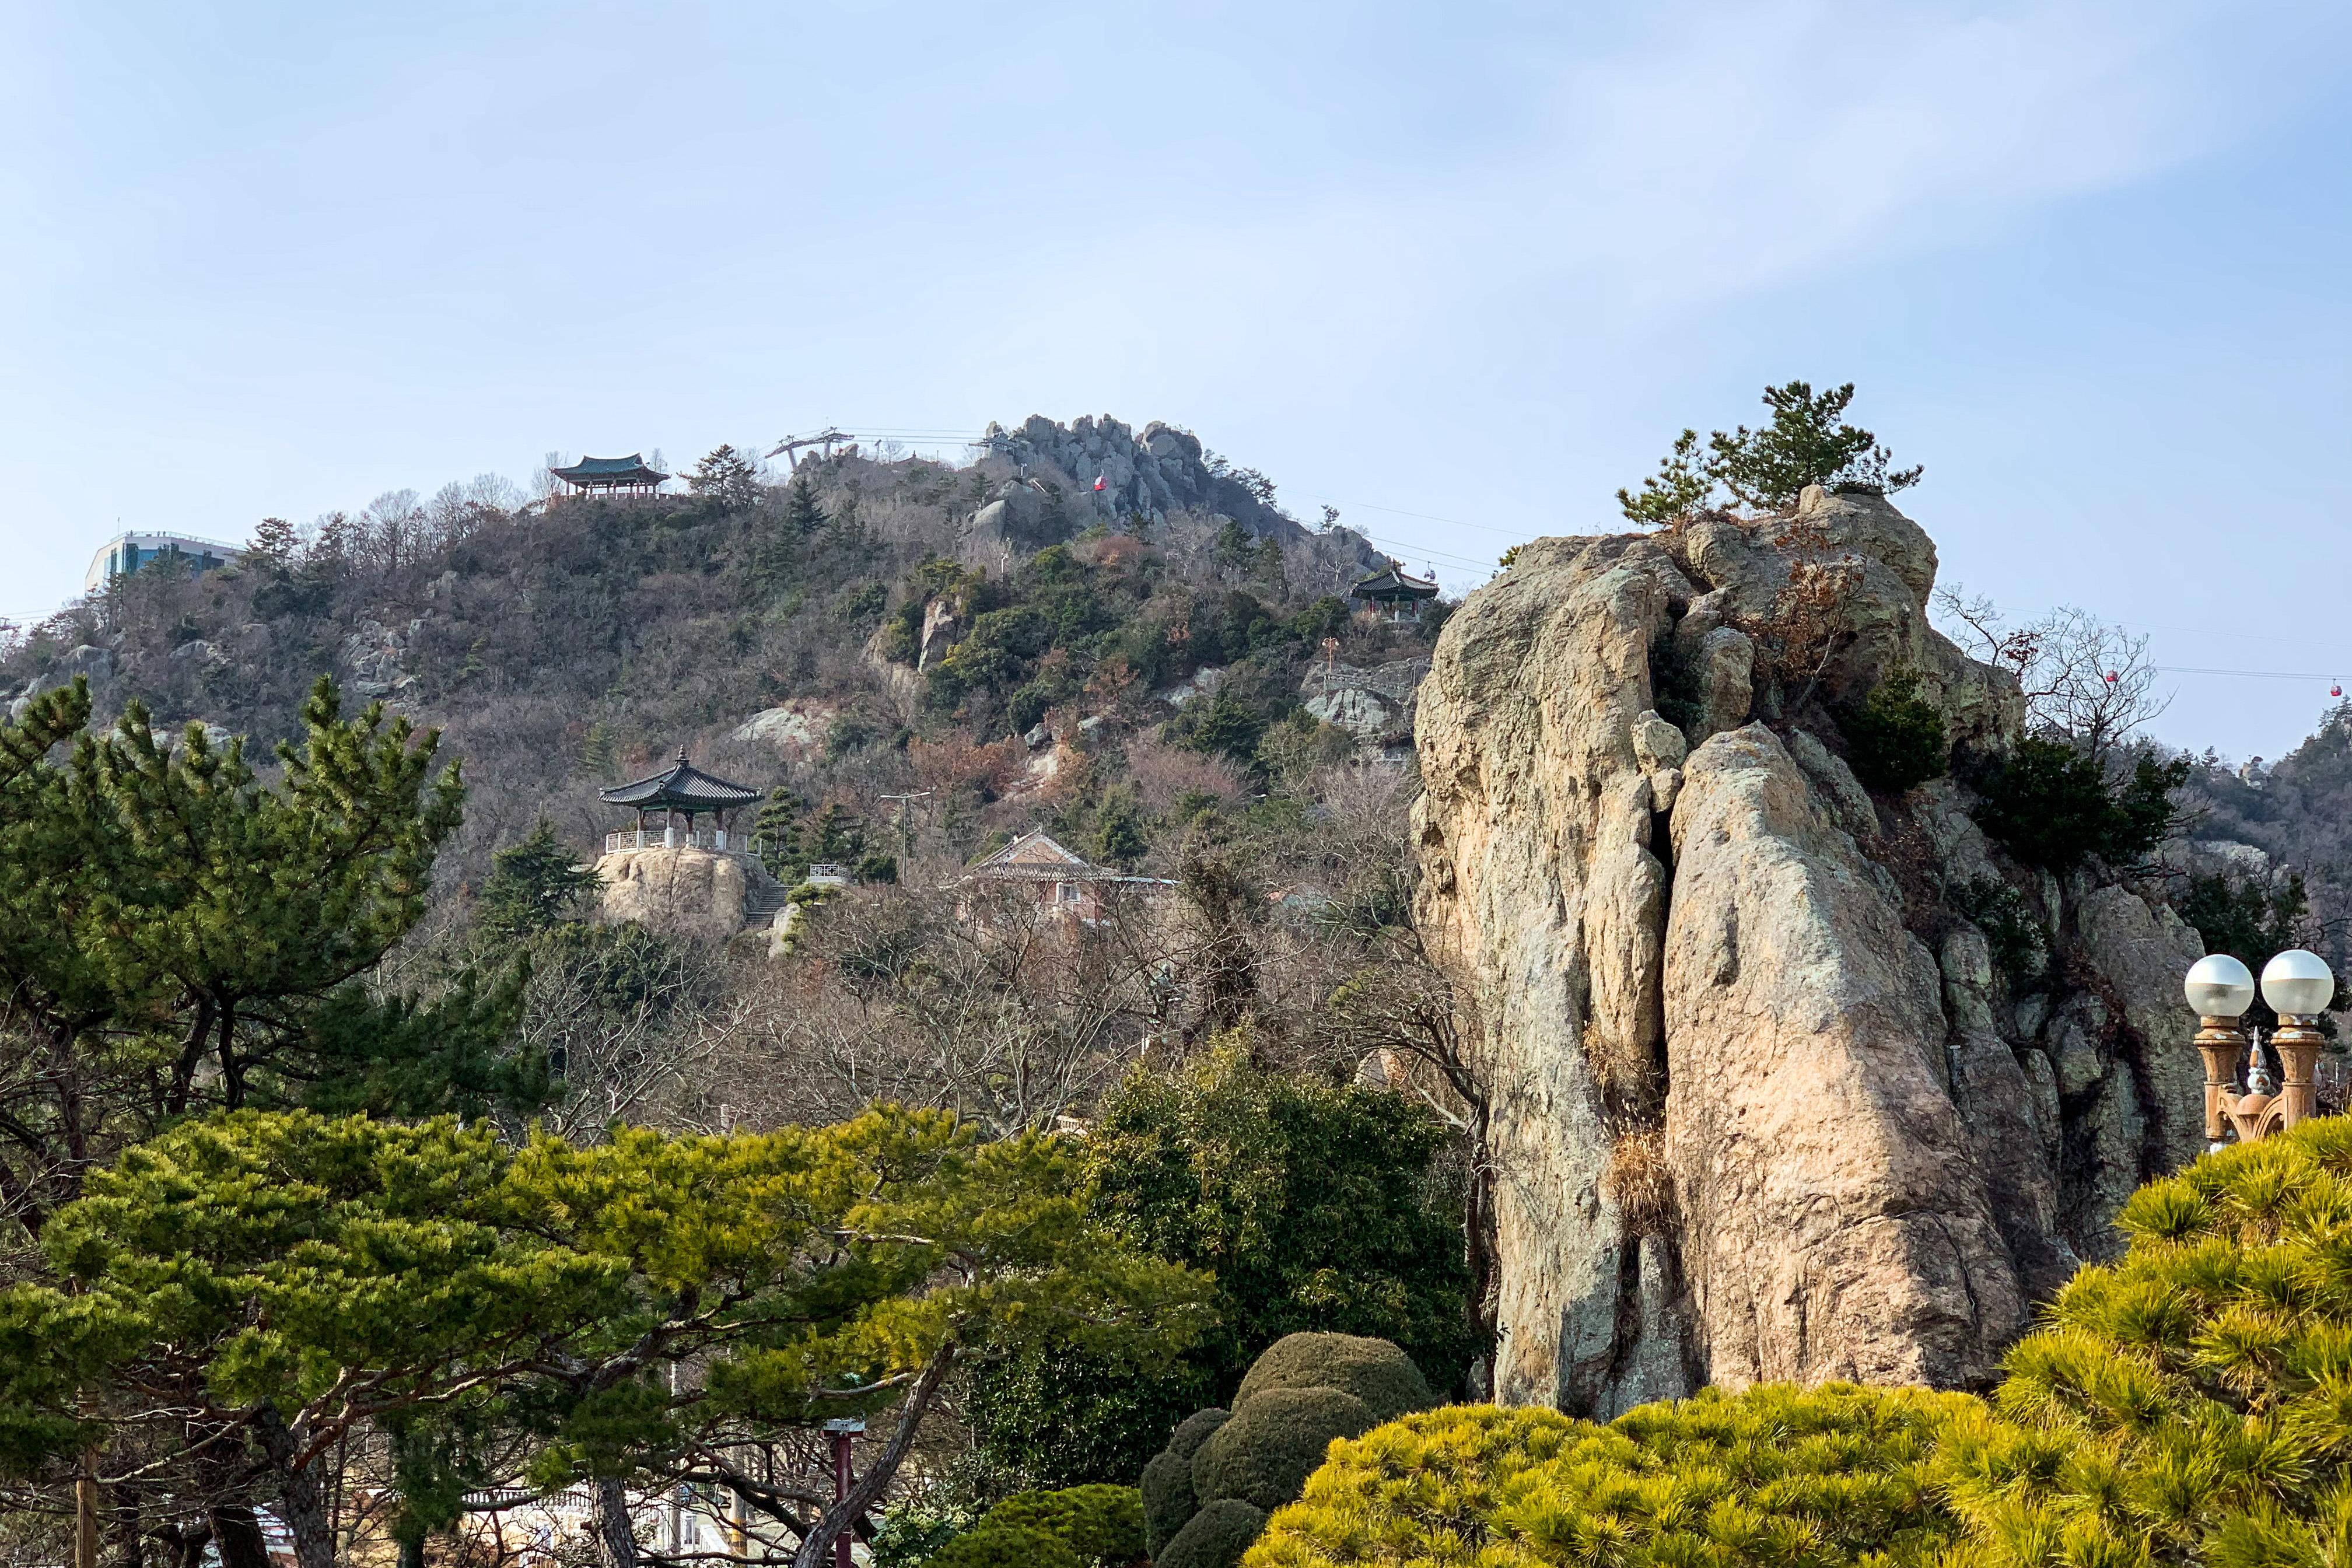 Yudalsan Mountain